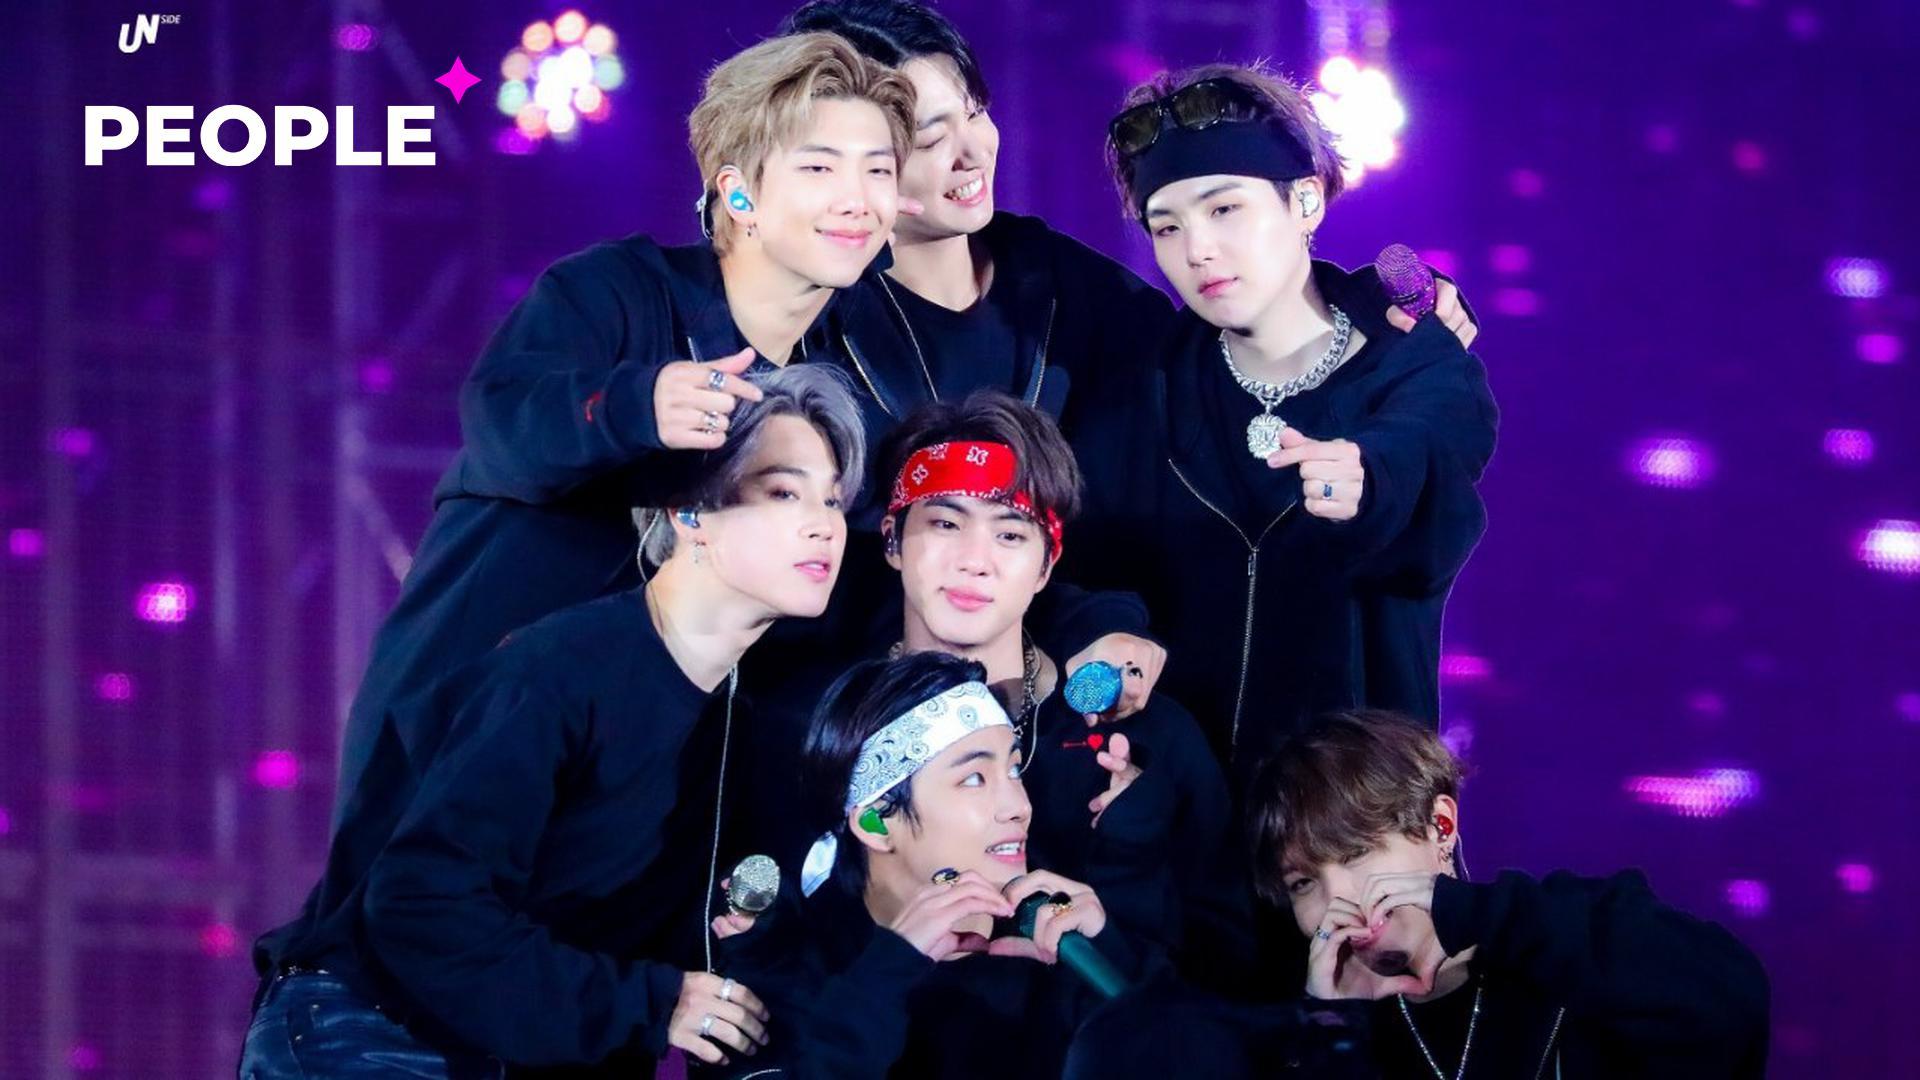 Группа BTS сообщила об отмене мирового турне и вернула фанатам деньги за билеты